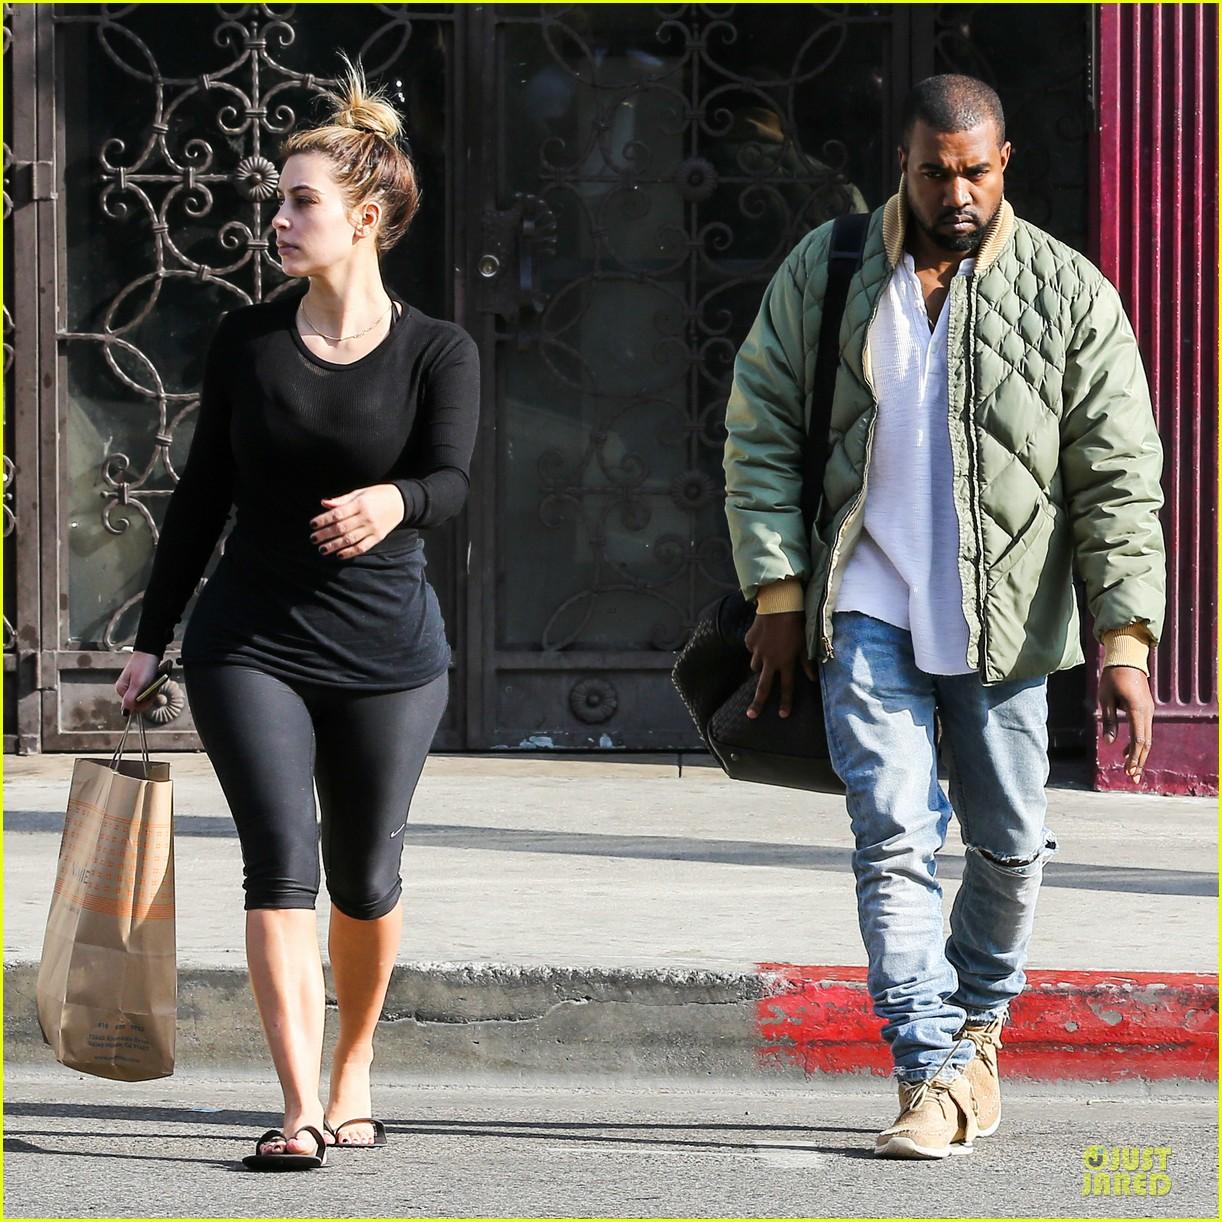 kim kardashian kanye weest shop together after new year 12